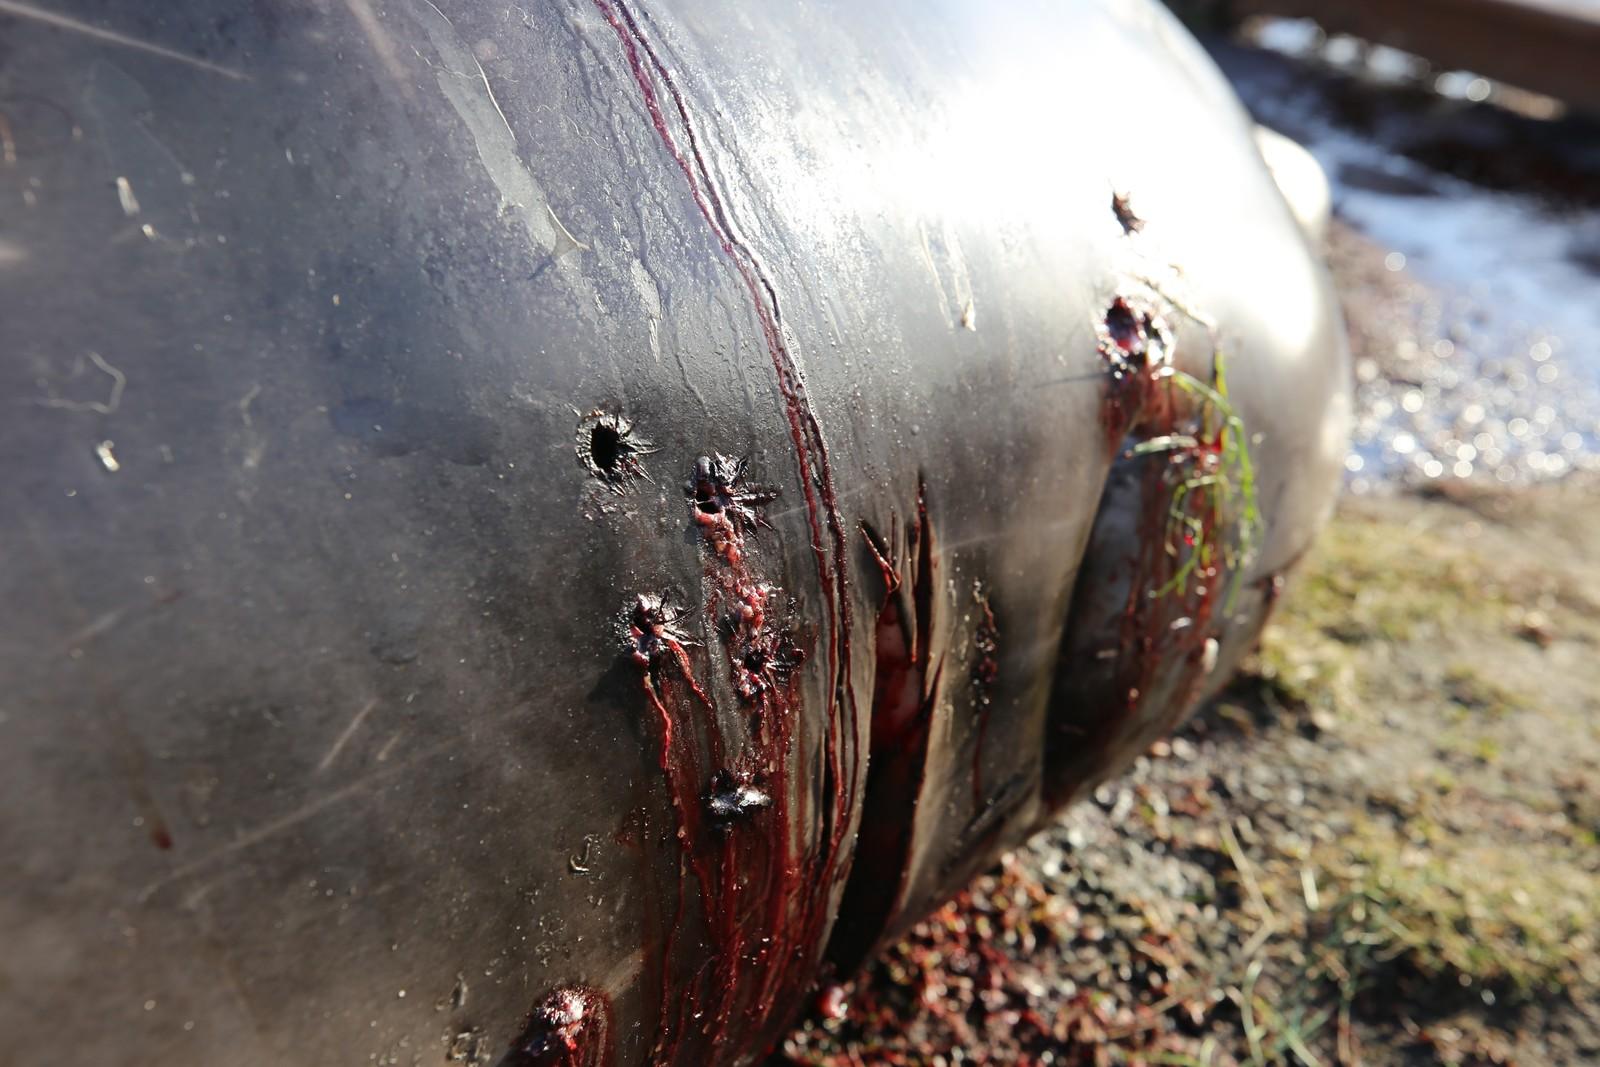 SKUDDHULL: Gåsenebbhvalen var syk og måtte avlives i sjøkanten på Sotra.